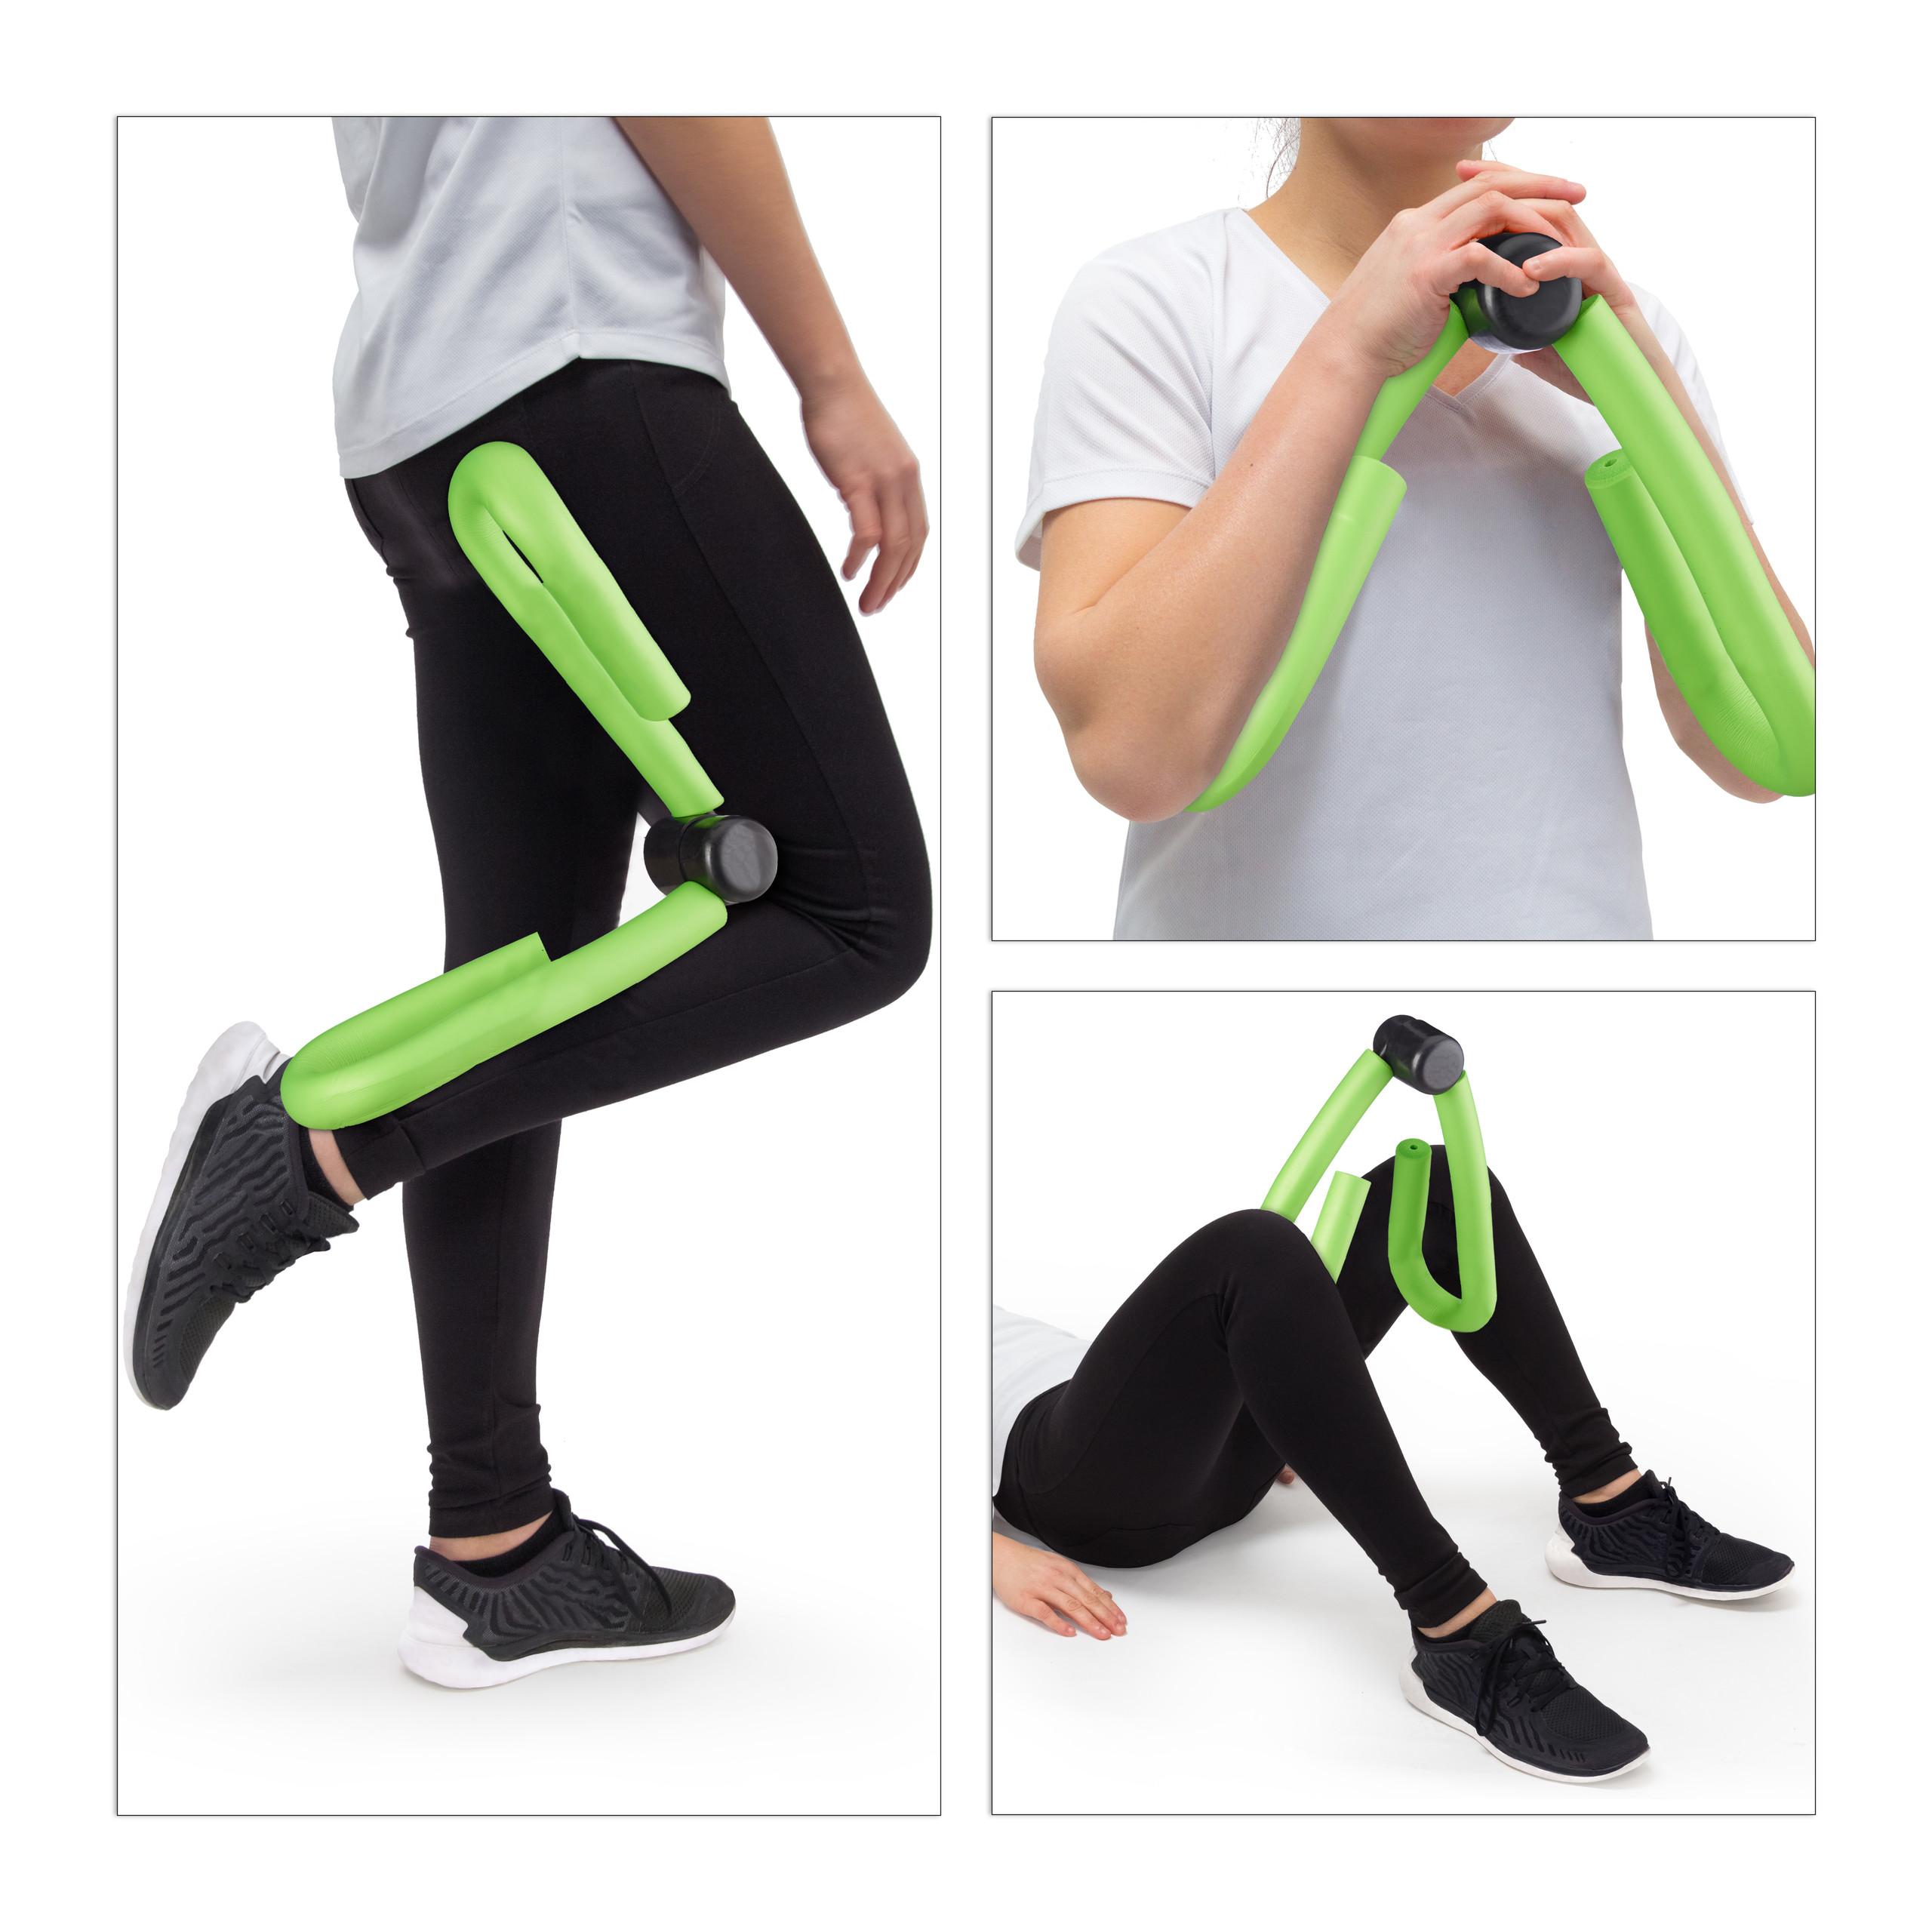 Oberschenkeltrainer Armtrainer Bein Trainer Figurformer Yoga Sportgerät Thigh